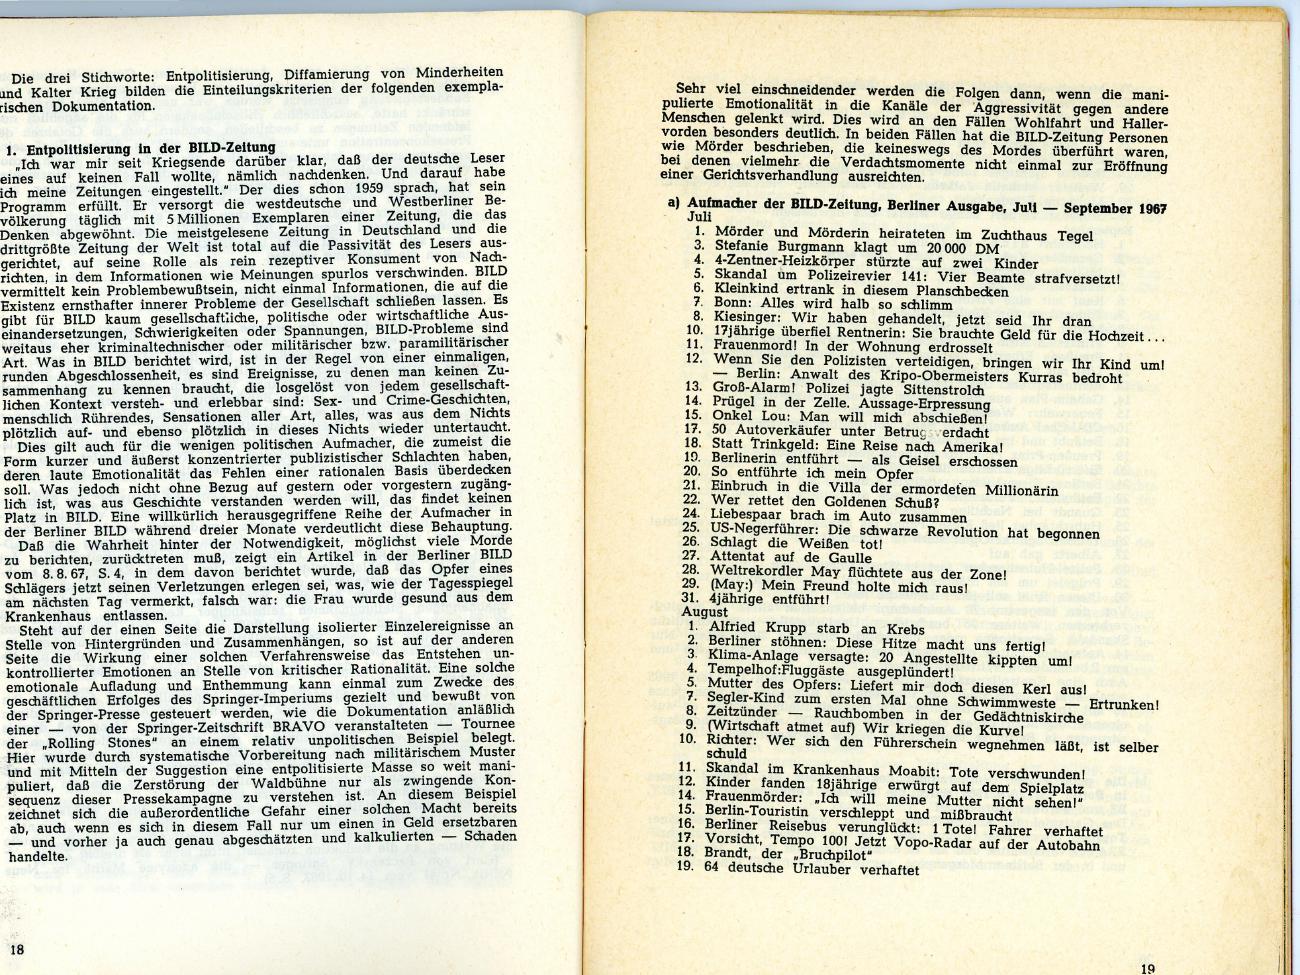 Berlin_RC_1967_Springer_enteignen_12